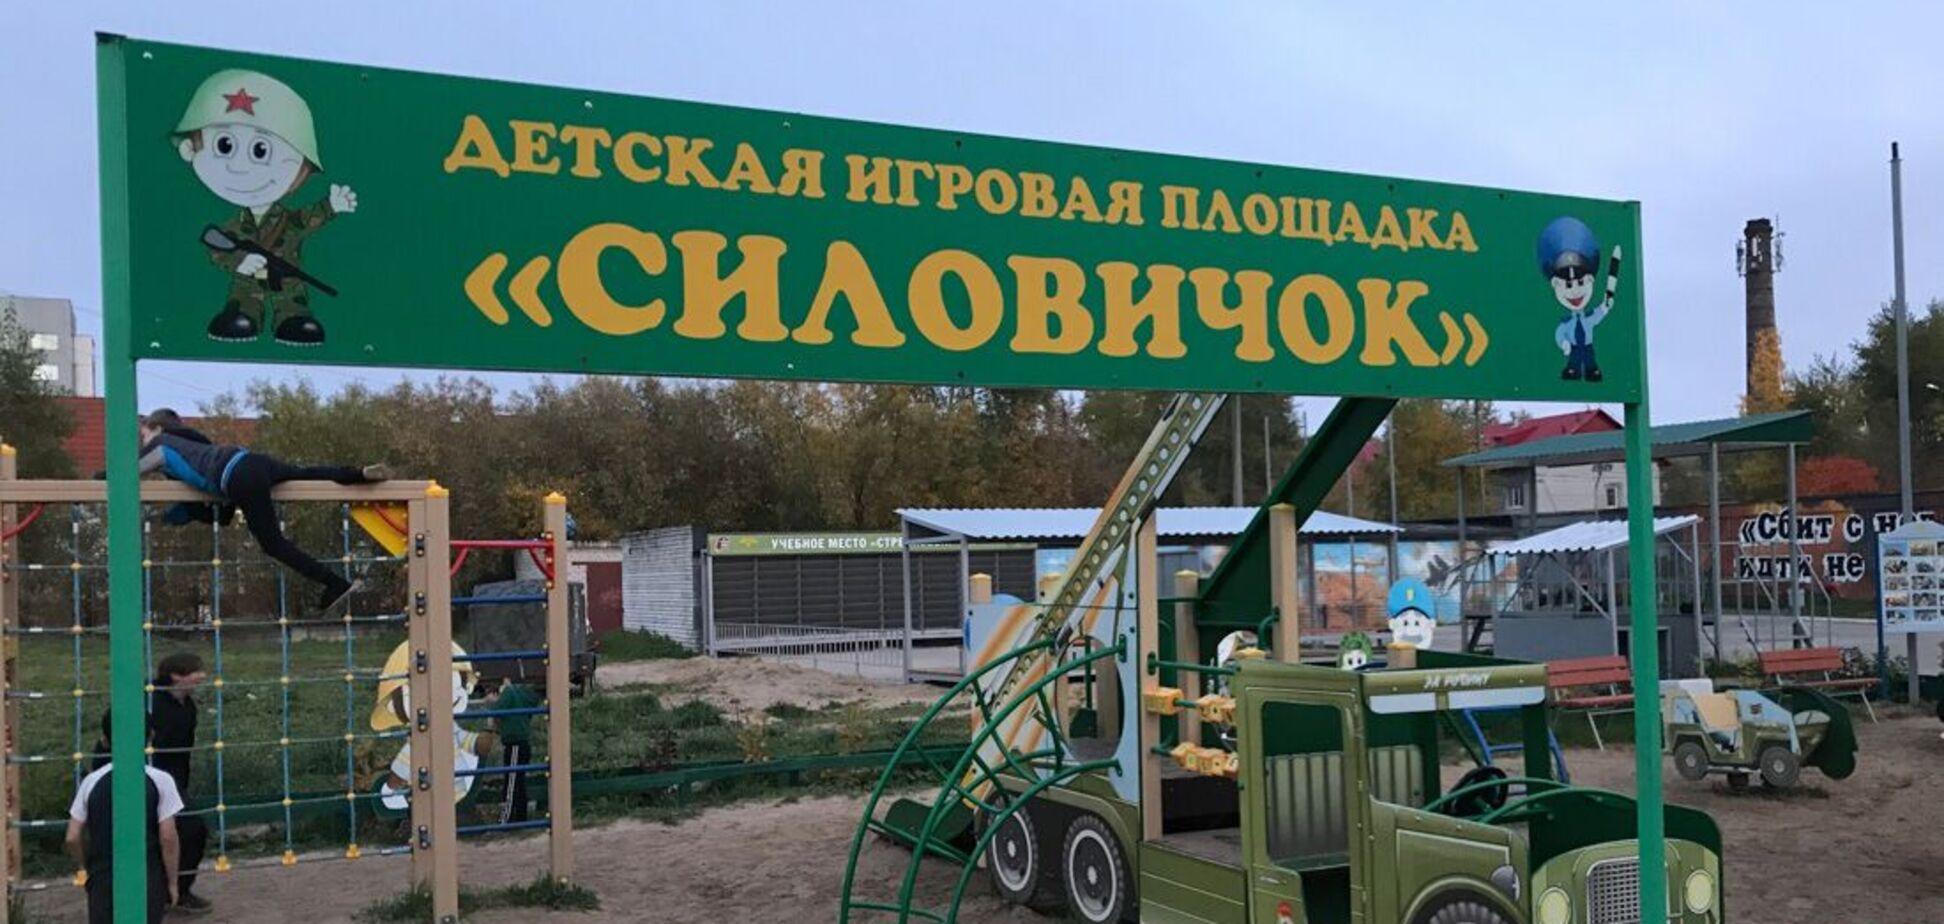 В Архангельске открыли детскую площадку 'Силовичок'